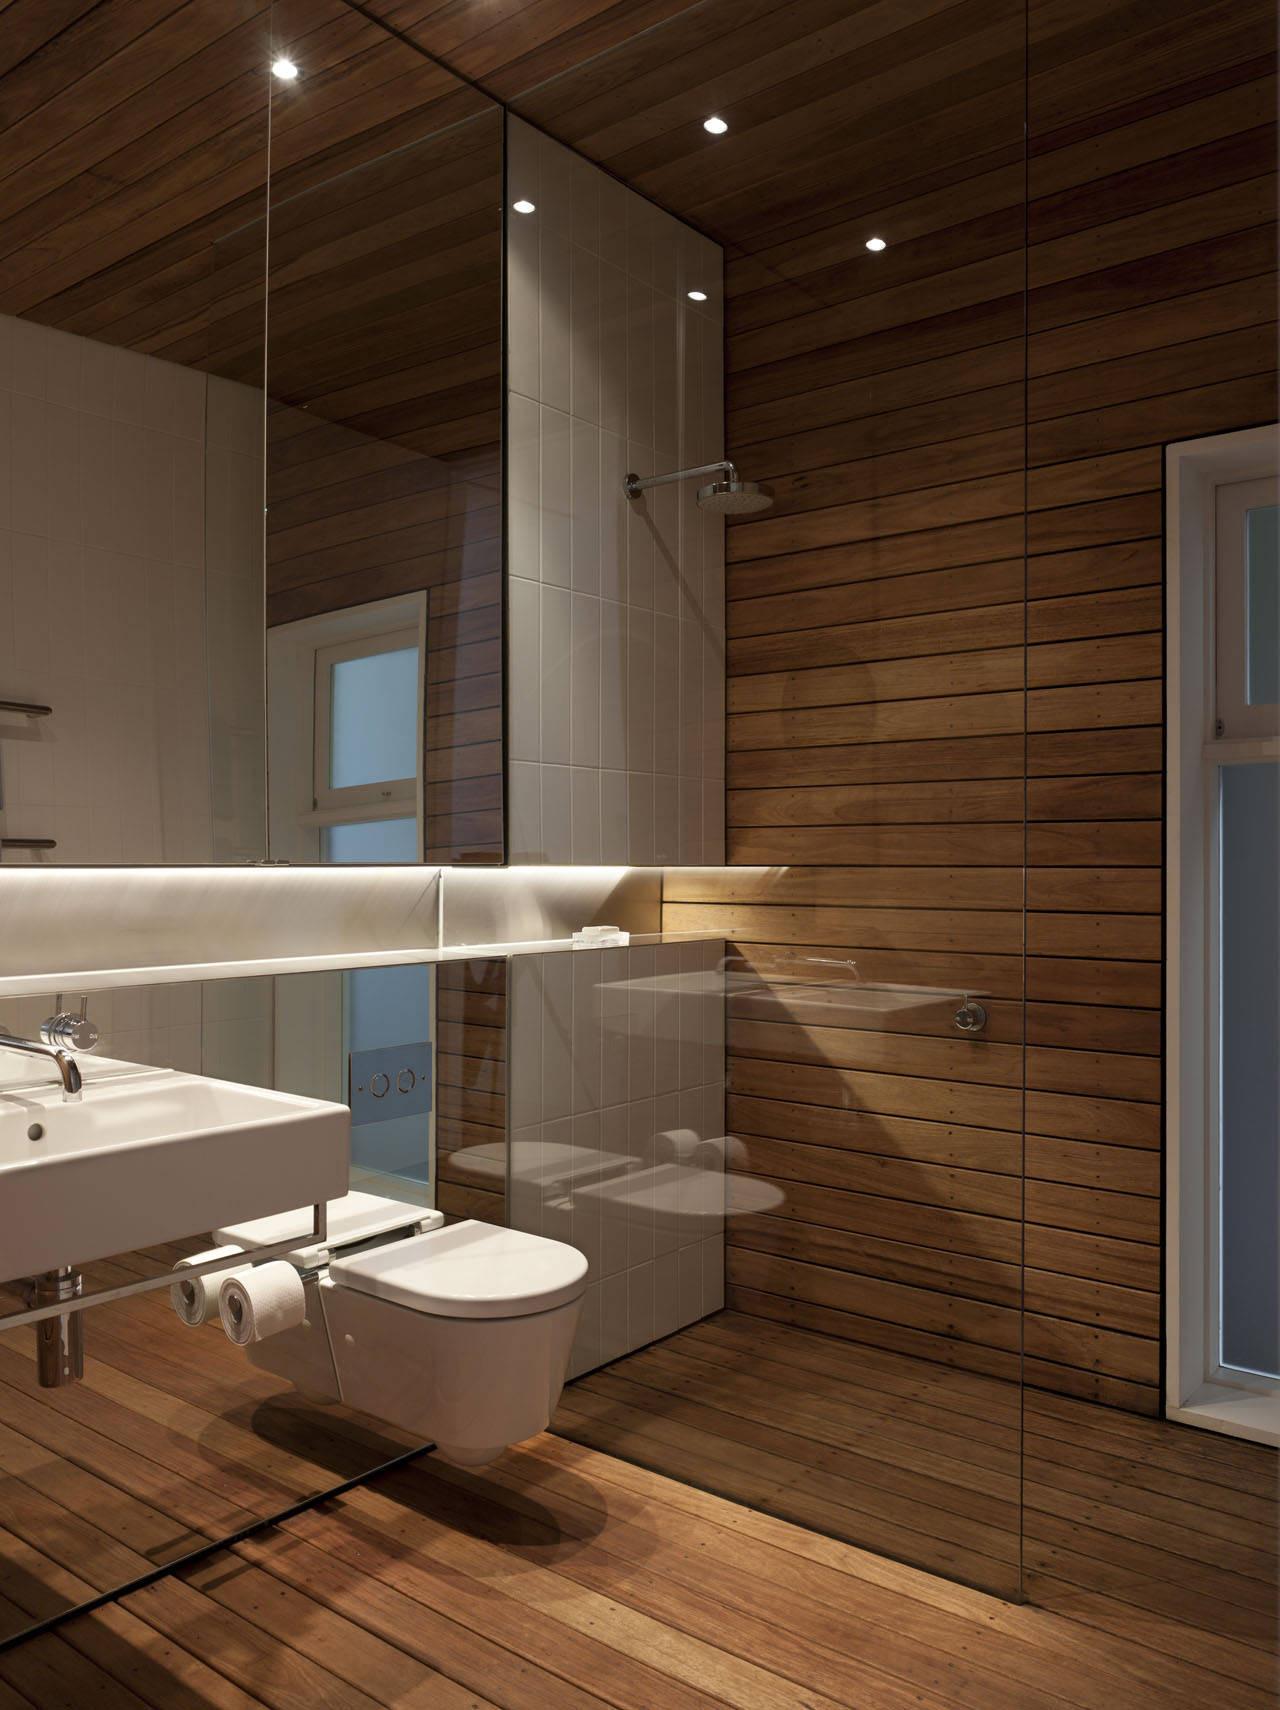 Bad modern gestalten mit Licht  fresHouse